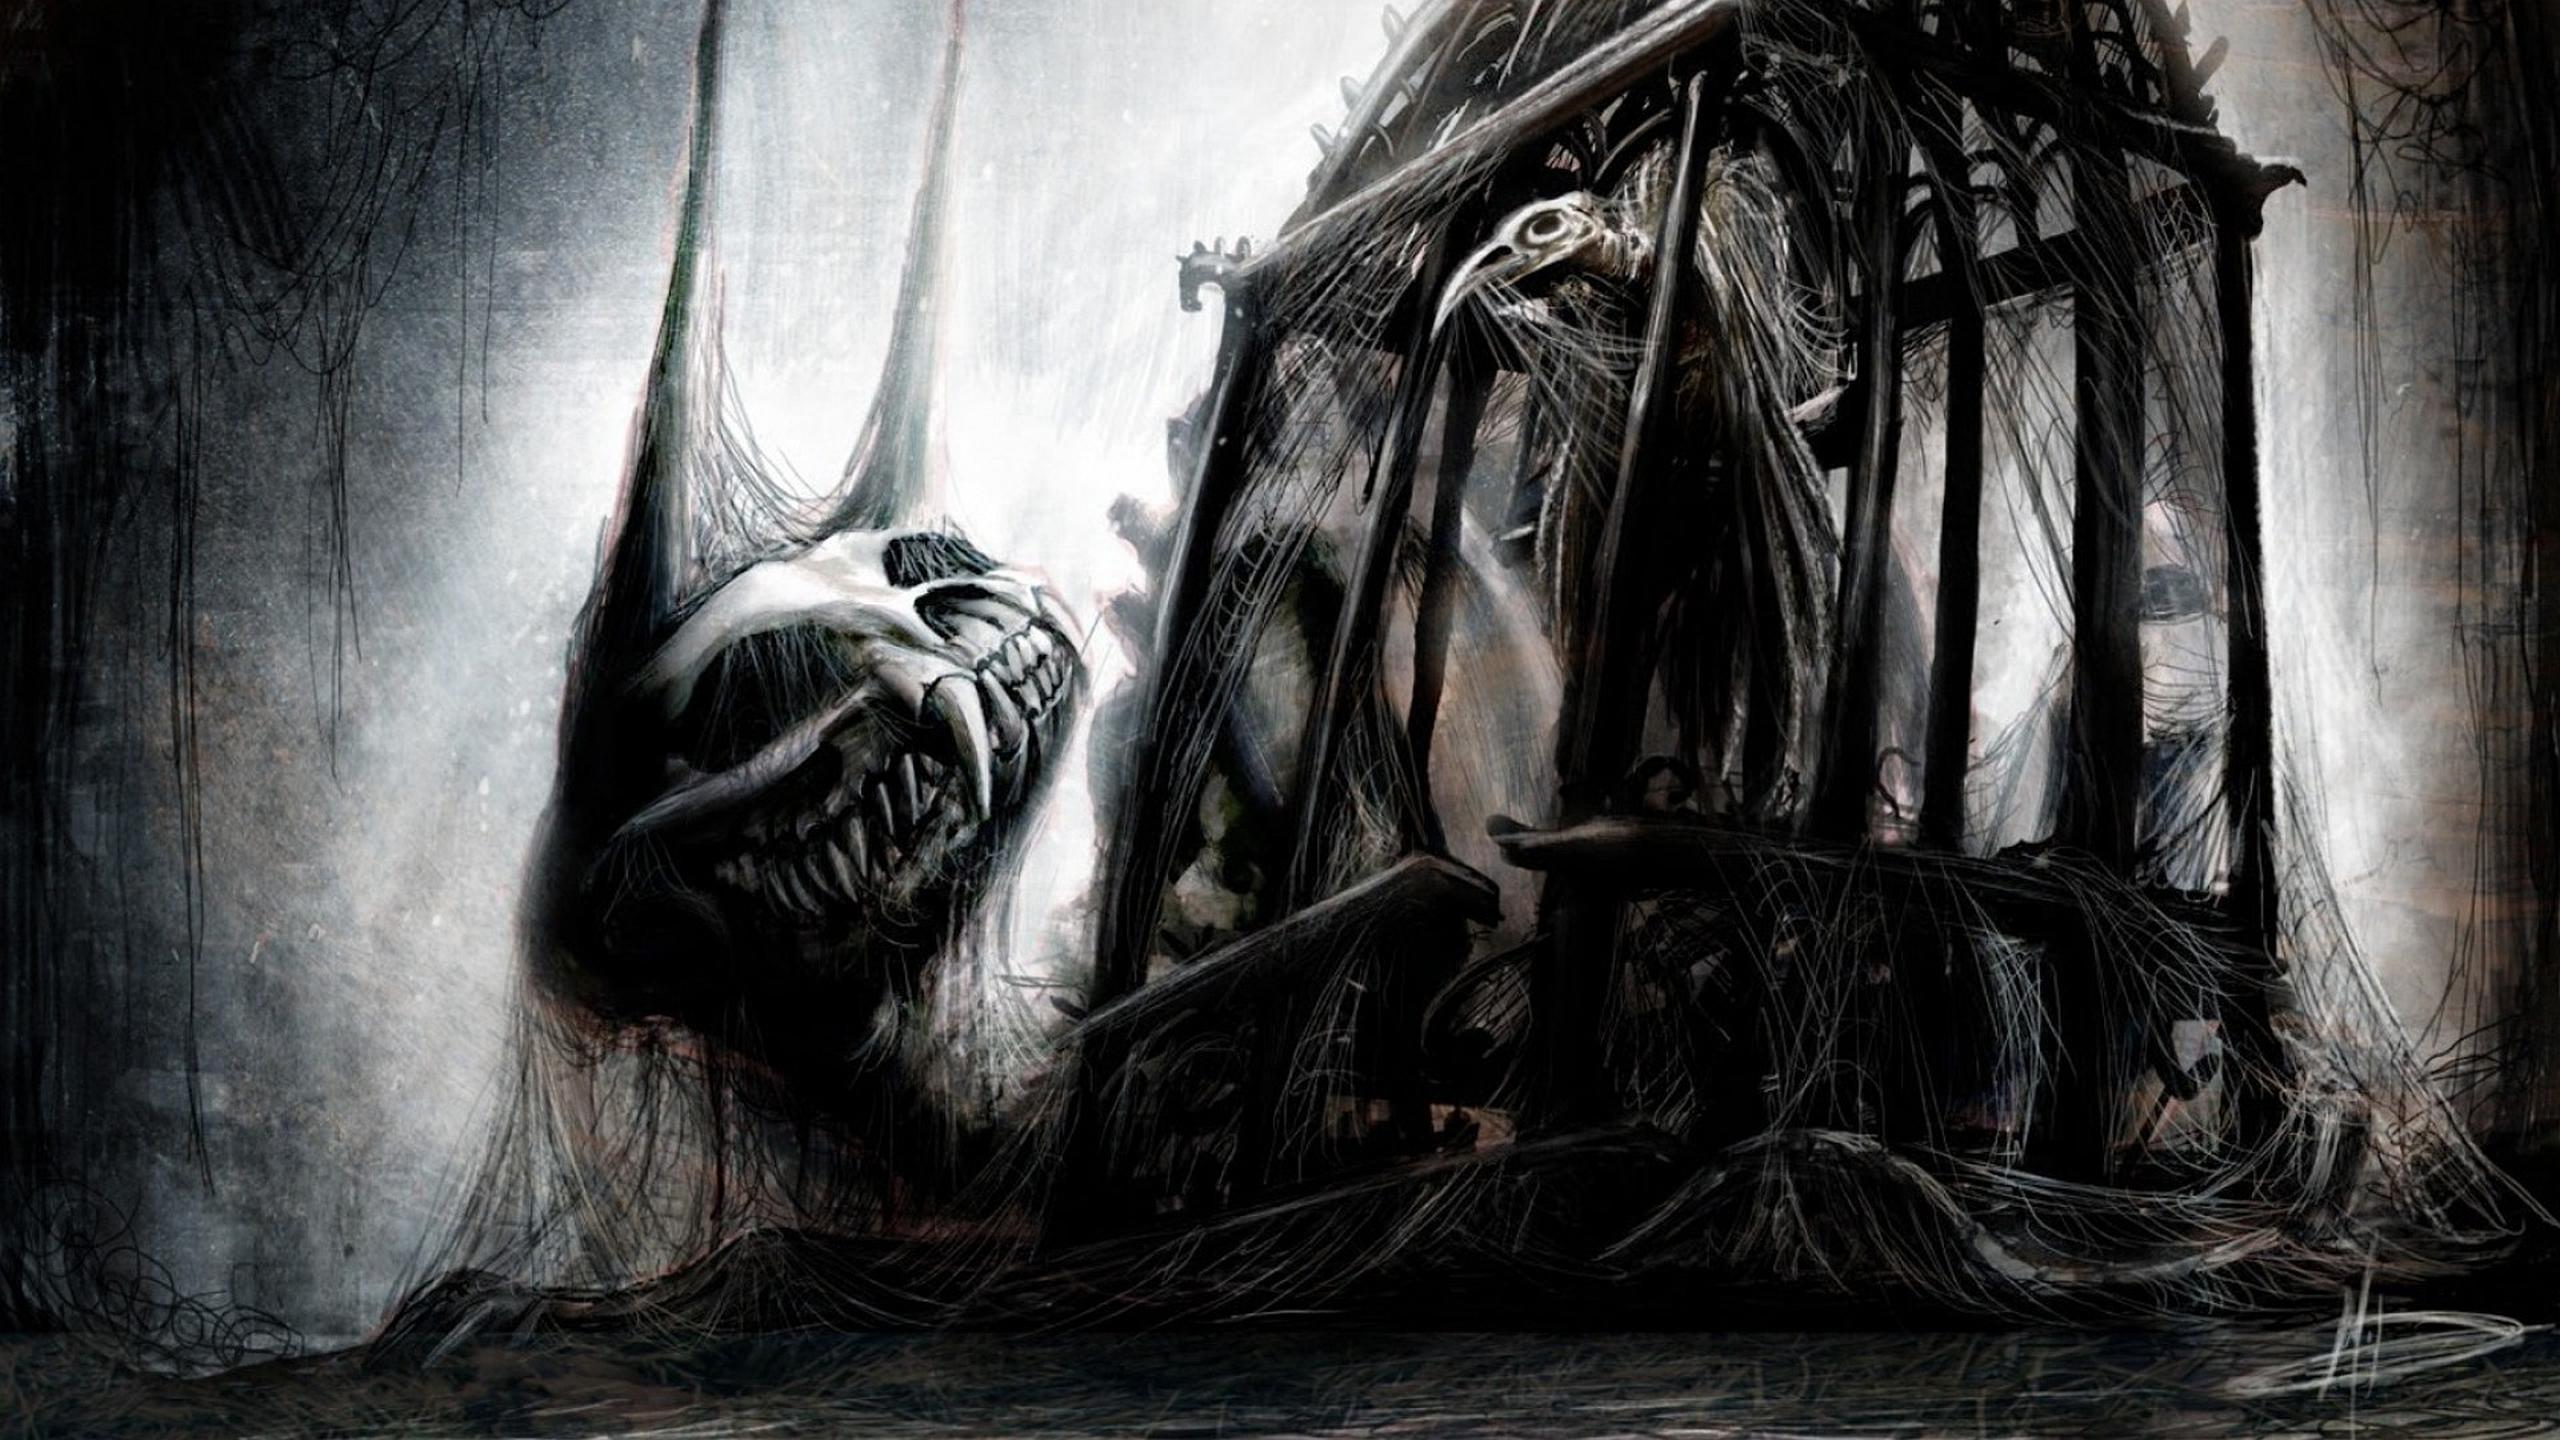 Creepy Hd Wallpaper: Creepy HD Wallpaper